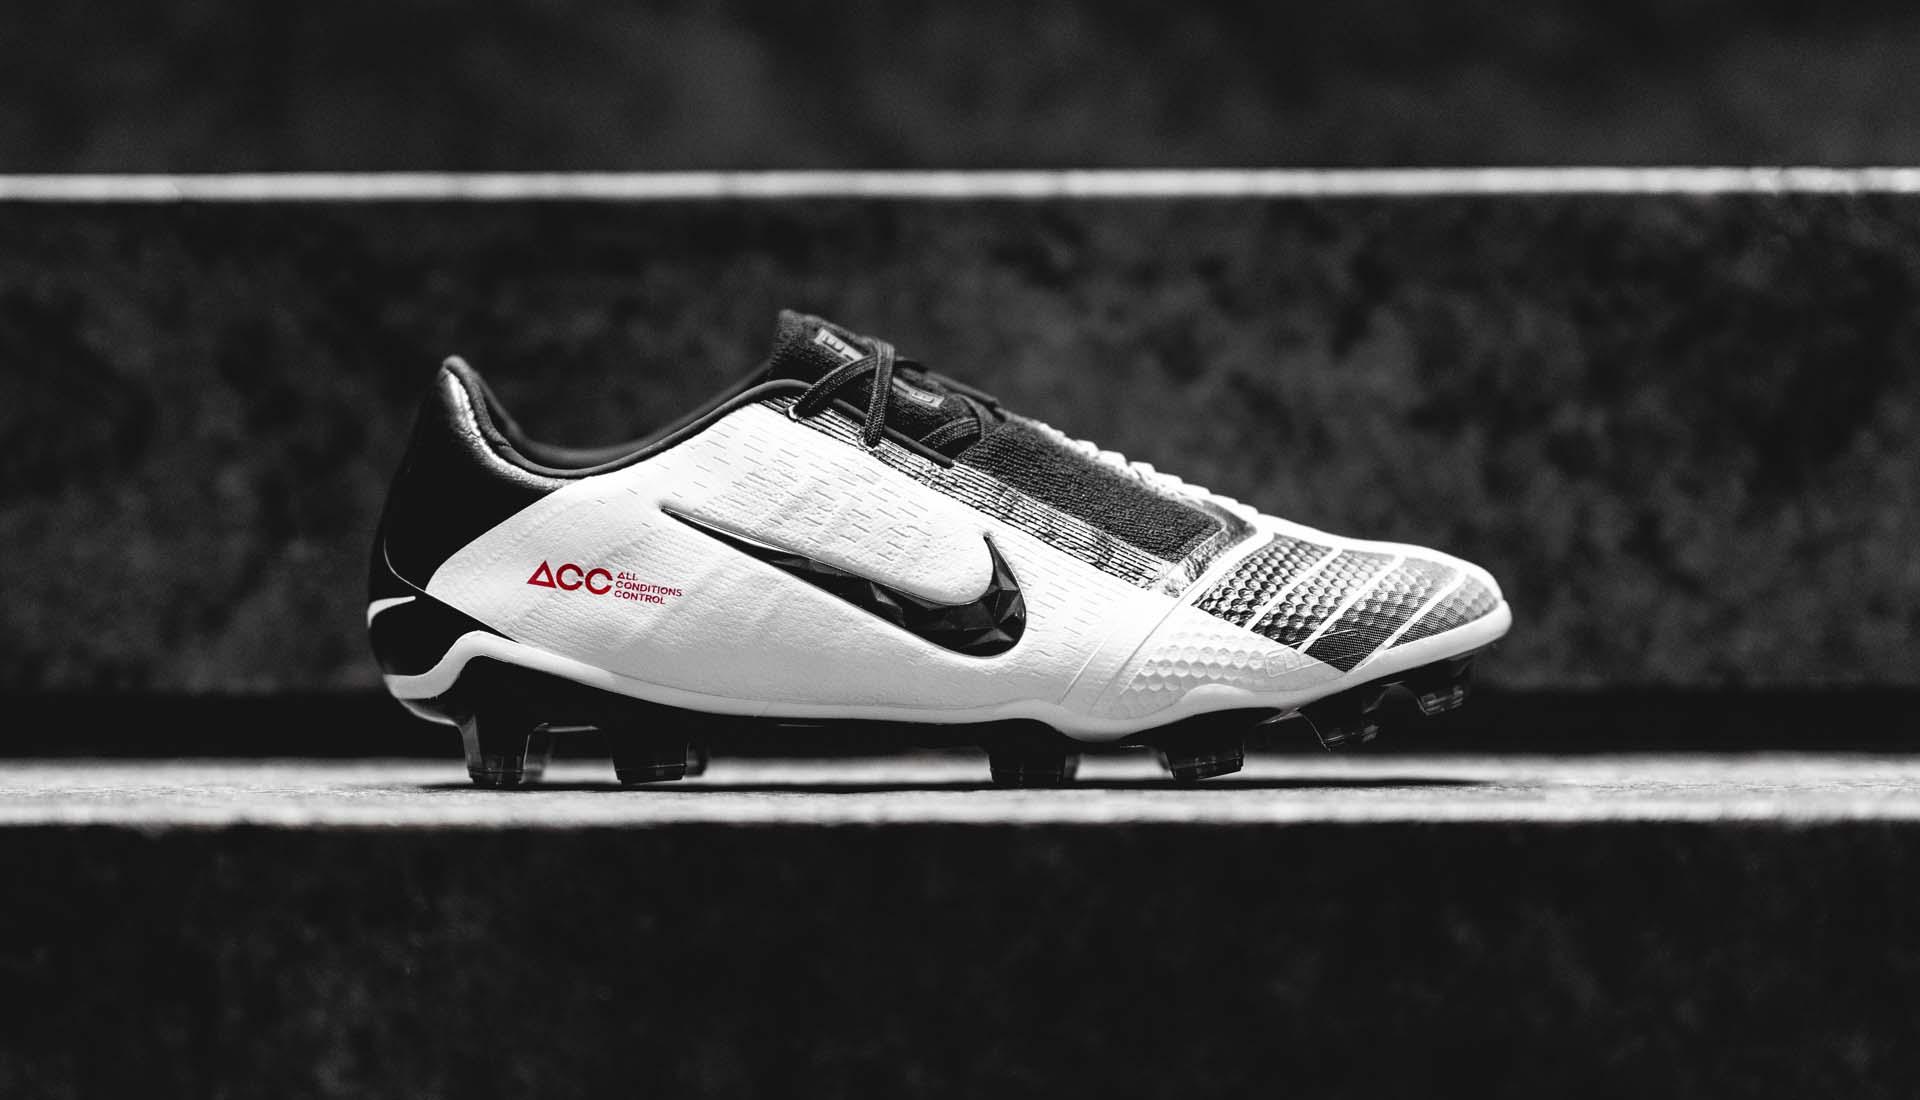 Công nghệ ACC được phủ trên da của giày Nike Phantom VNM Future DNA